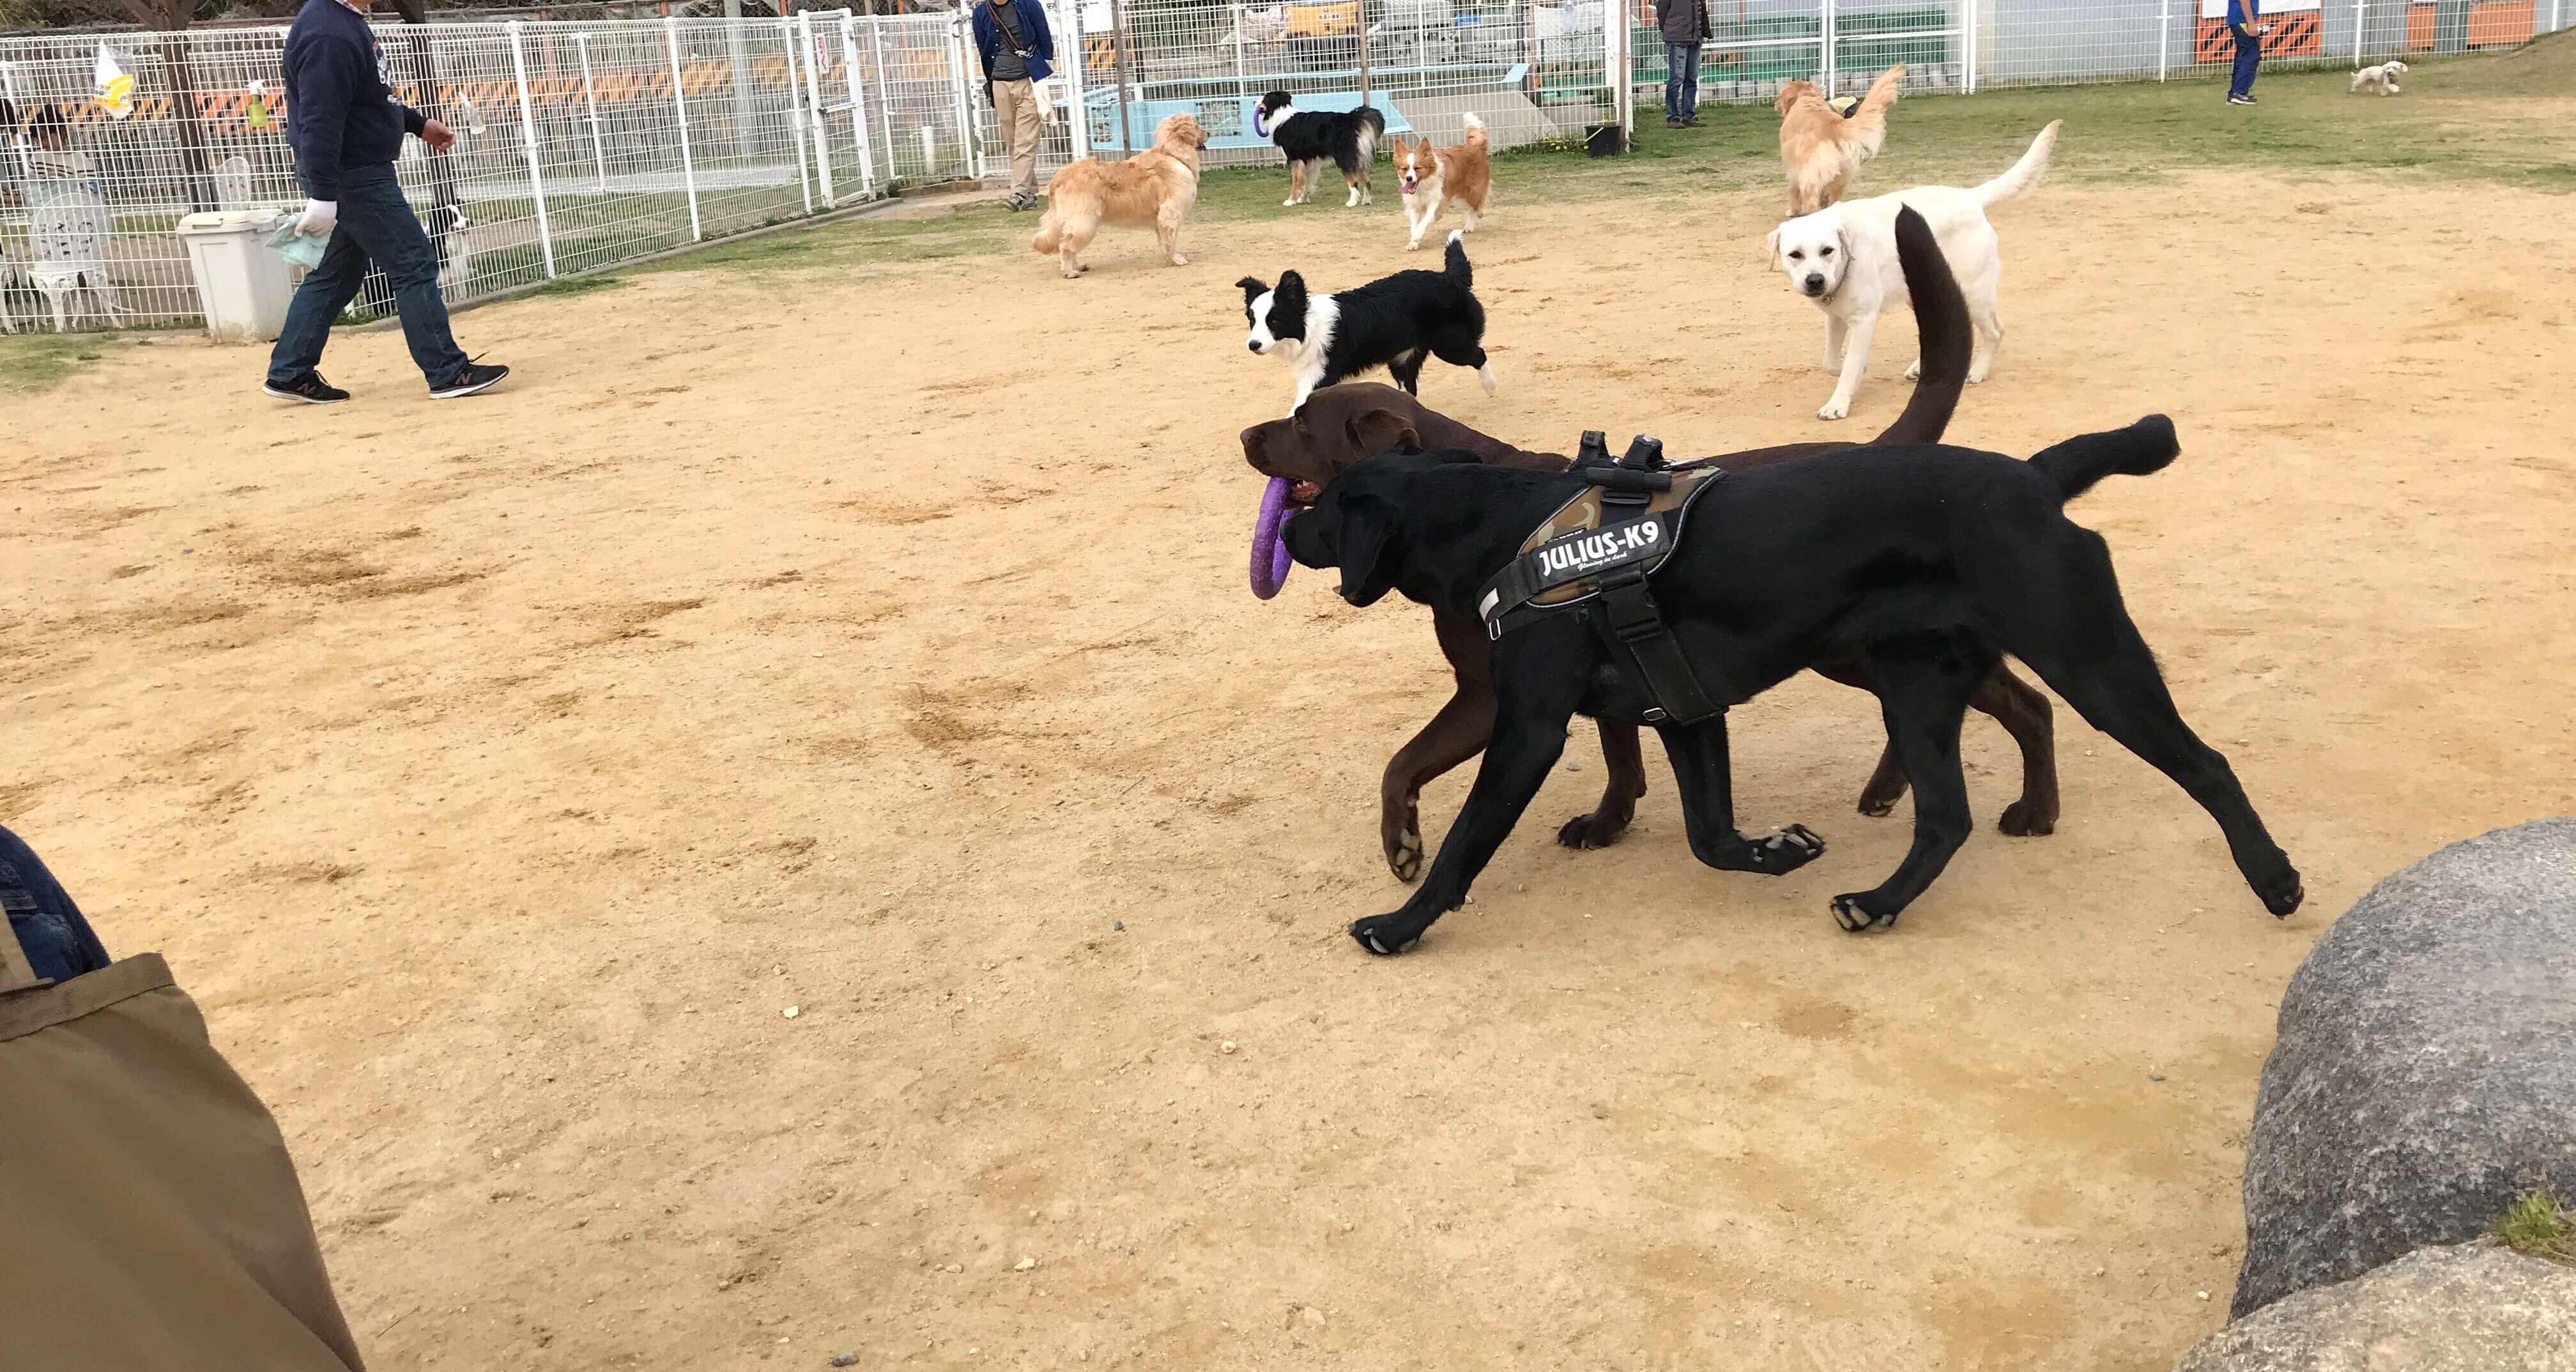 ワイルドガーデンぷらすわん ドッグラン プラーで遊ぶ沢山の犬達